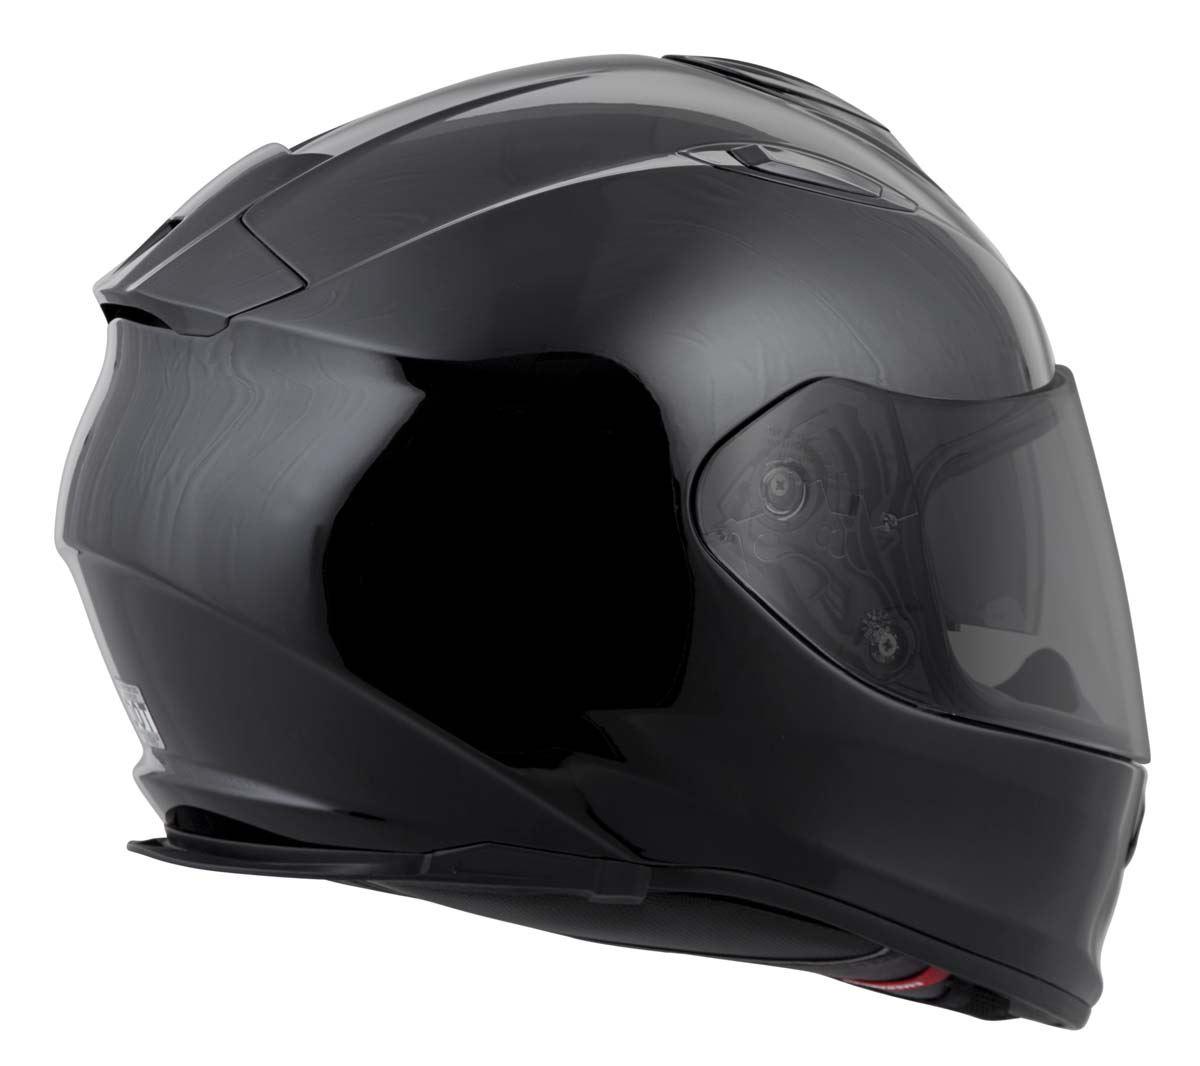 Scorpion-EXO-T510-Helmet-Full-Face-DOT-Approved-Inner-Sun-Shield miniature 11